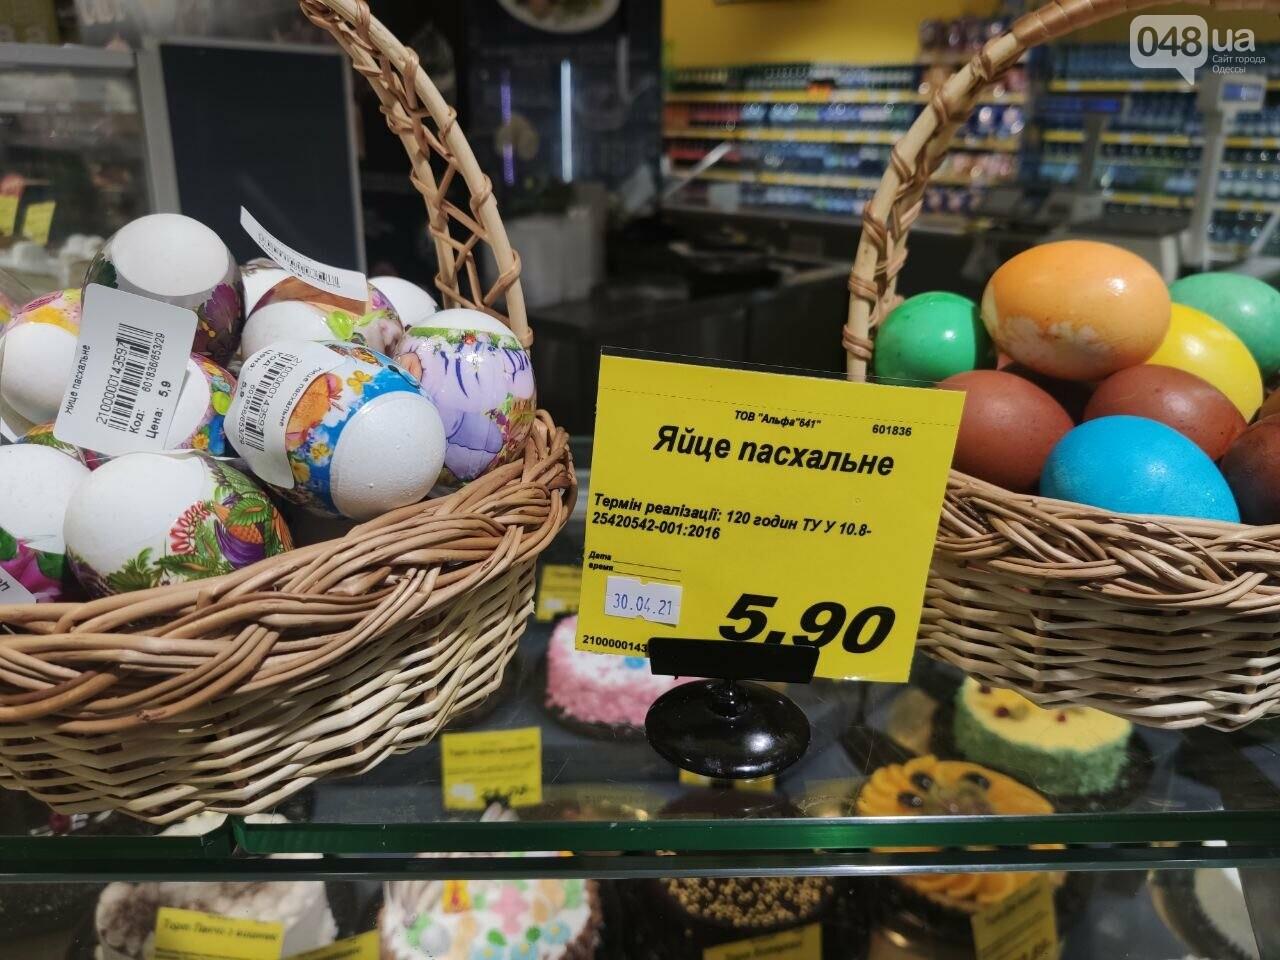 Сколько стоят пасхальные куличи и крашенные яйца в магазинах Одессы, - ФОТО, фото-9